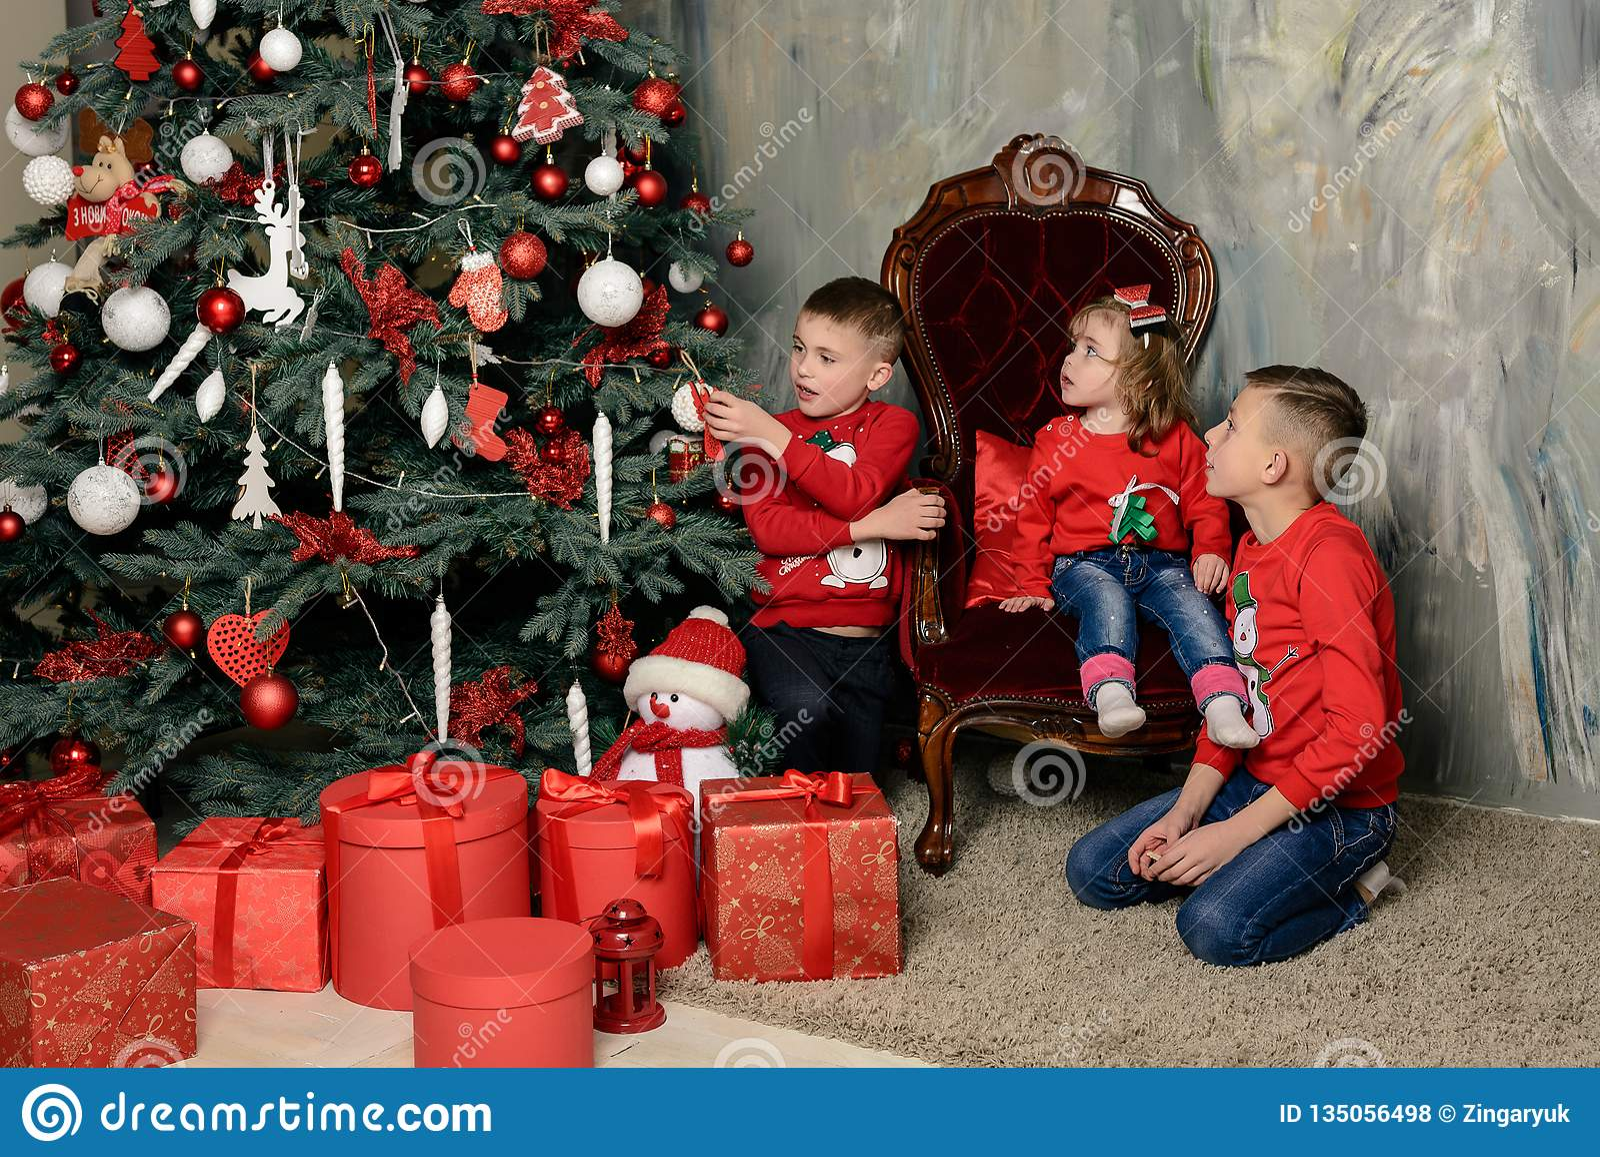 Deux garçons heureux à la différence de fête des sapins regardent les cadeaux